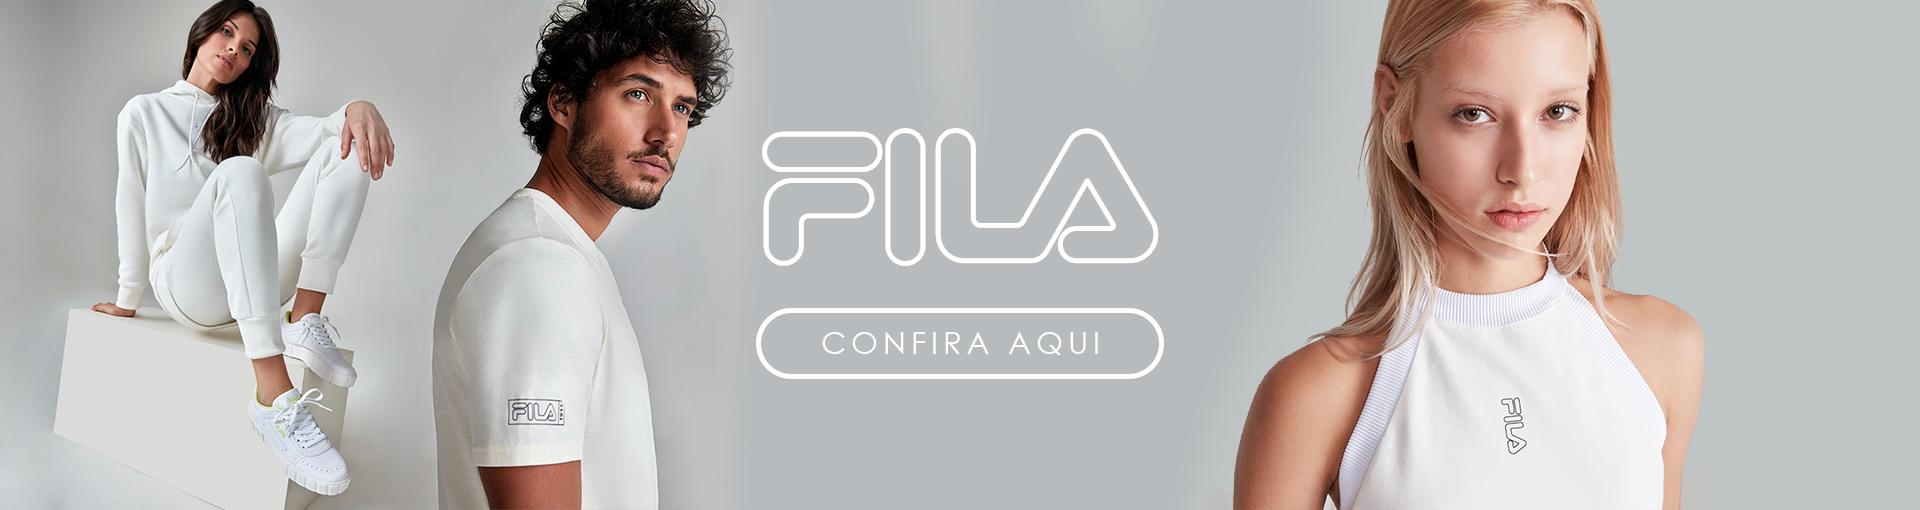 Banner Fila